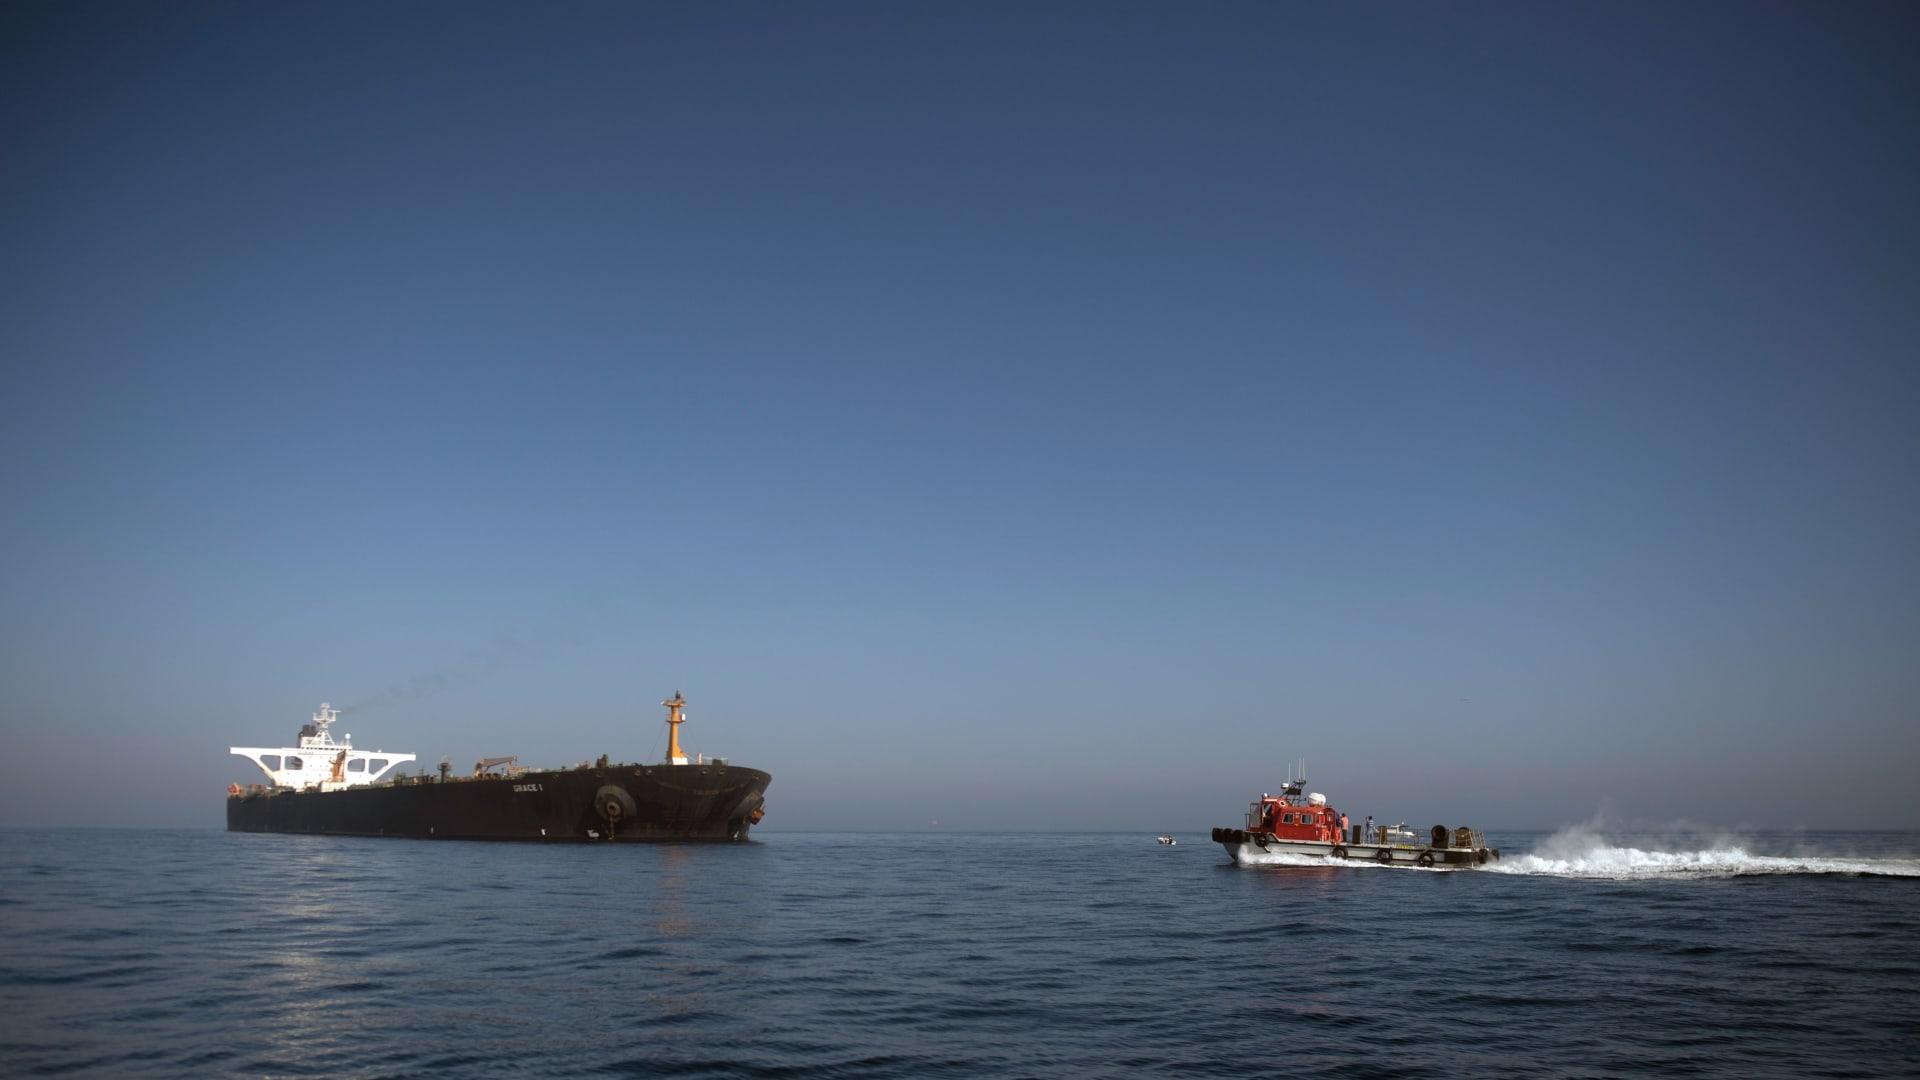 حريق في خزان ناقلة نفط قبالة سواحل سوريا.. ودمشق: نتيجة هجوم بطائرة مسيرة